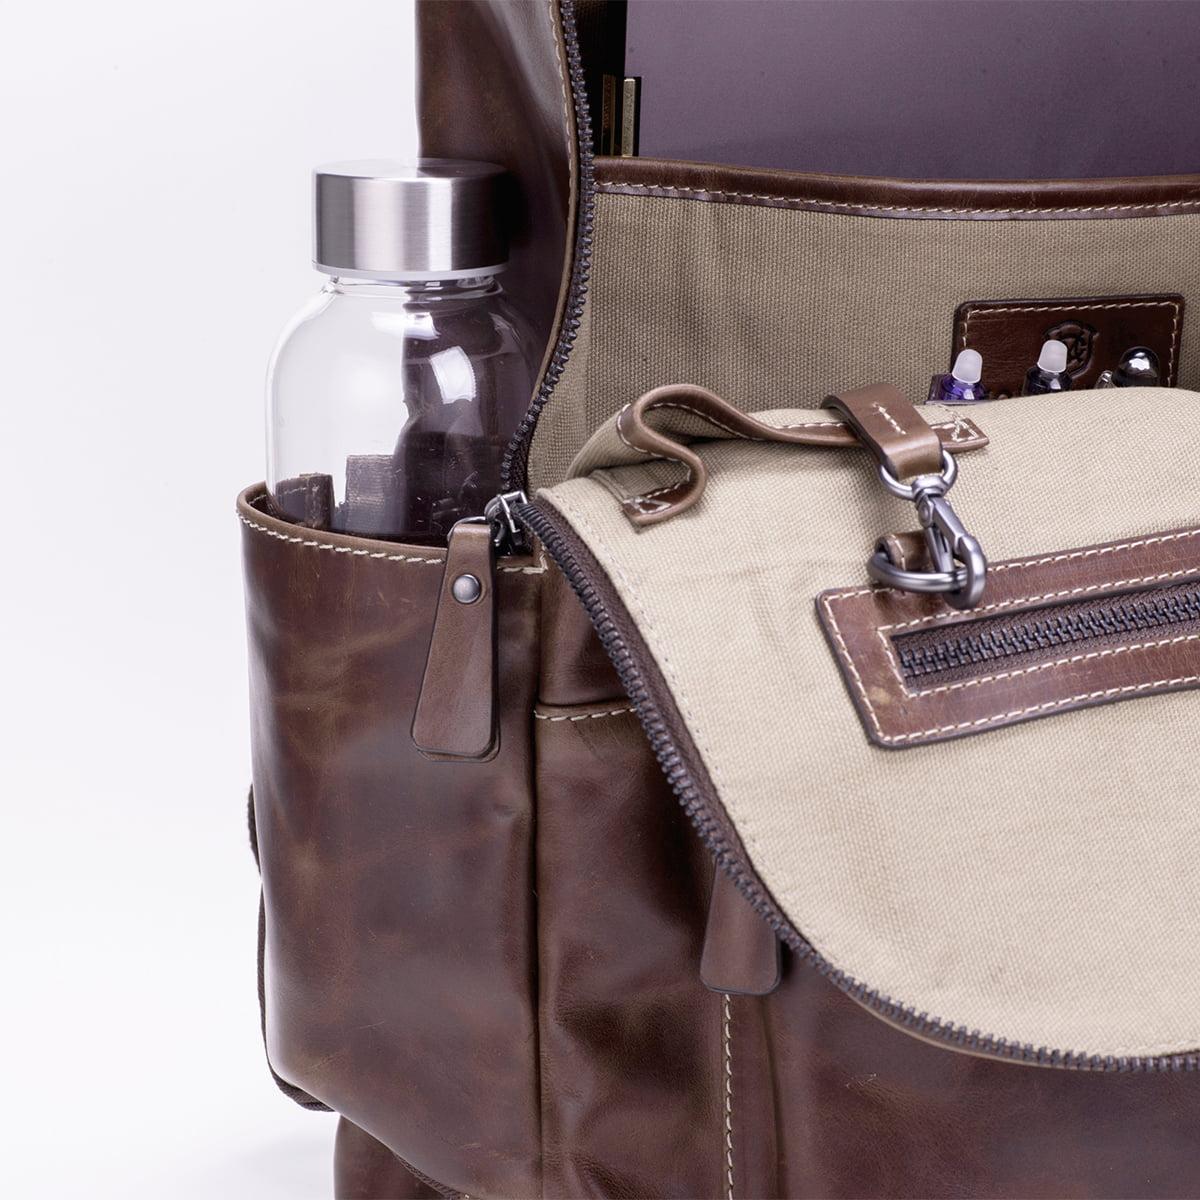 ビジネス レザーリュック メンズ DESMOND-II デスモンド2 ブラウン 茶